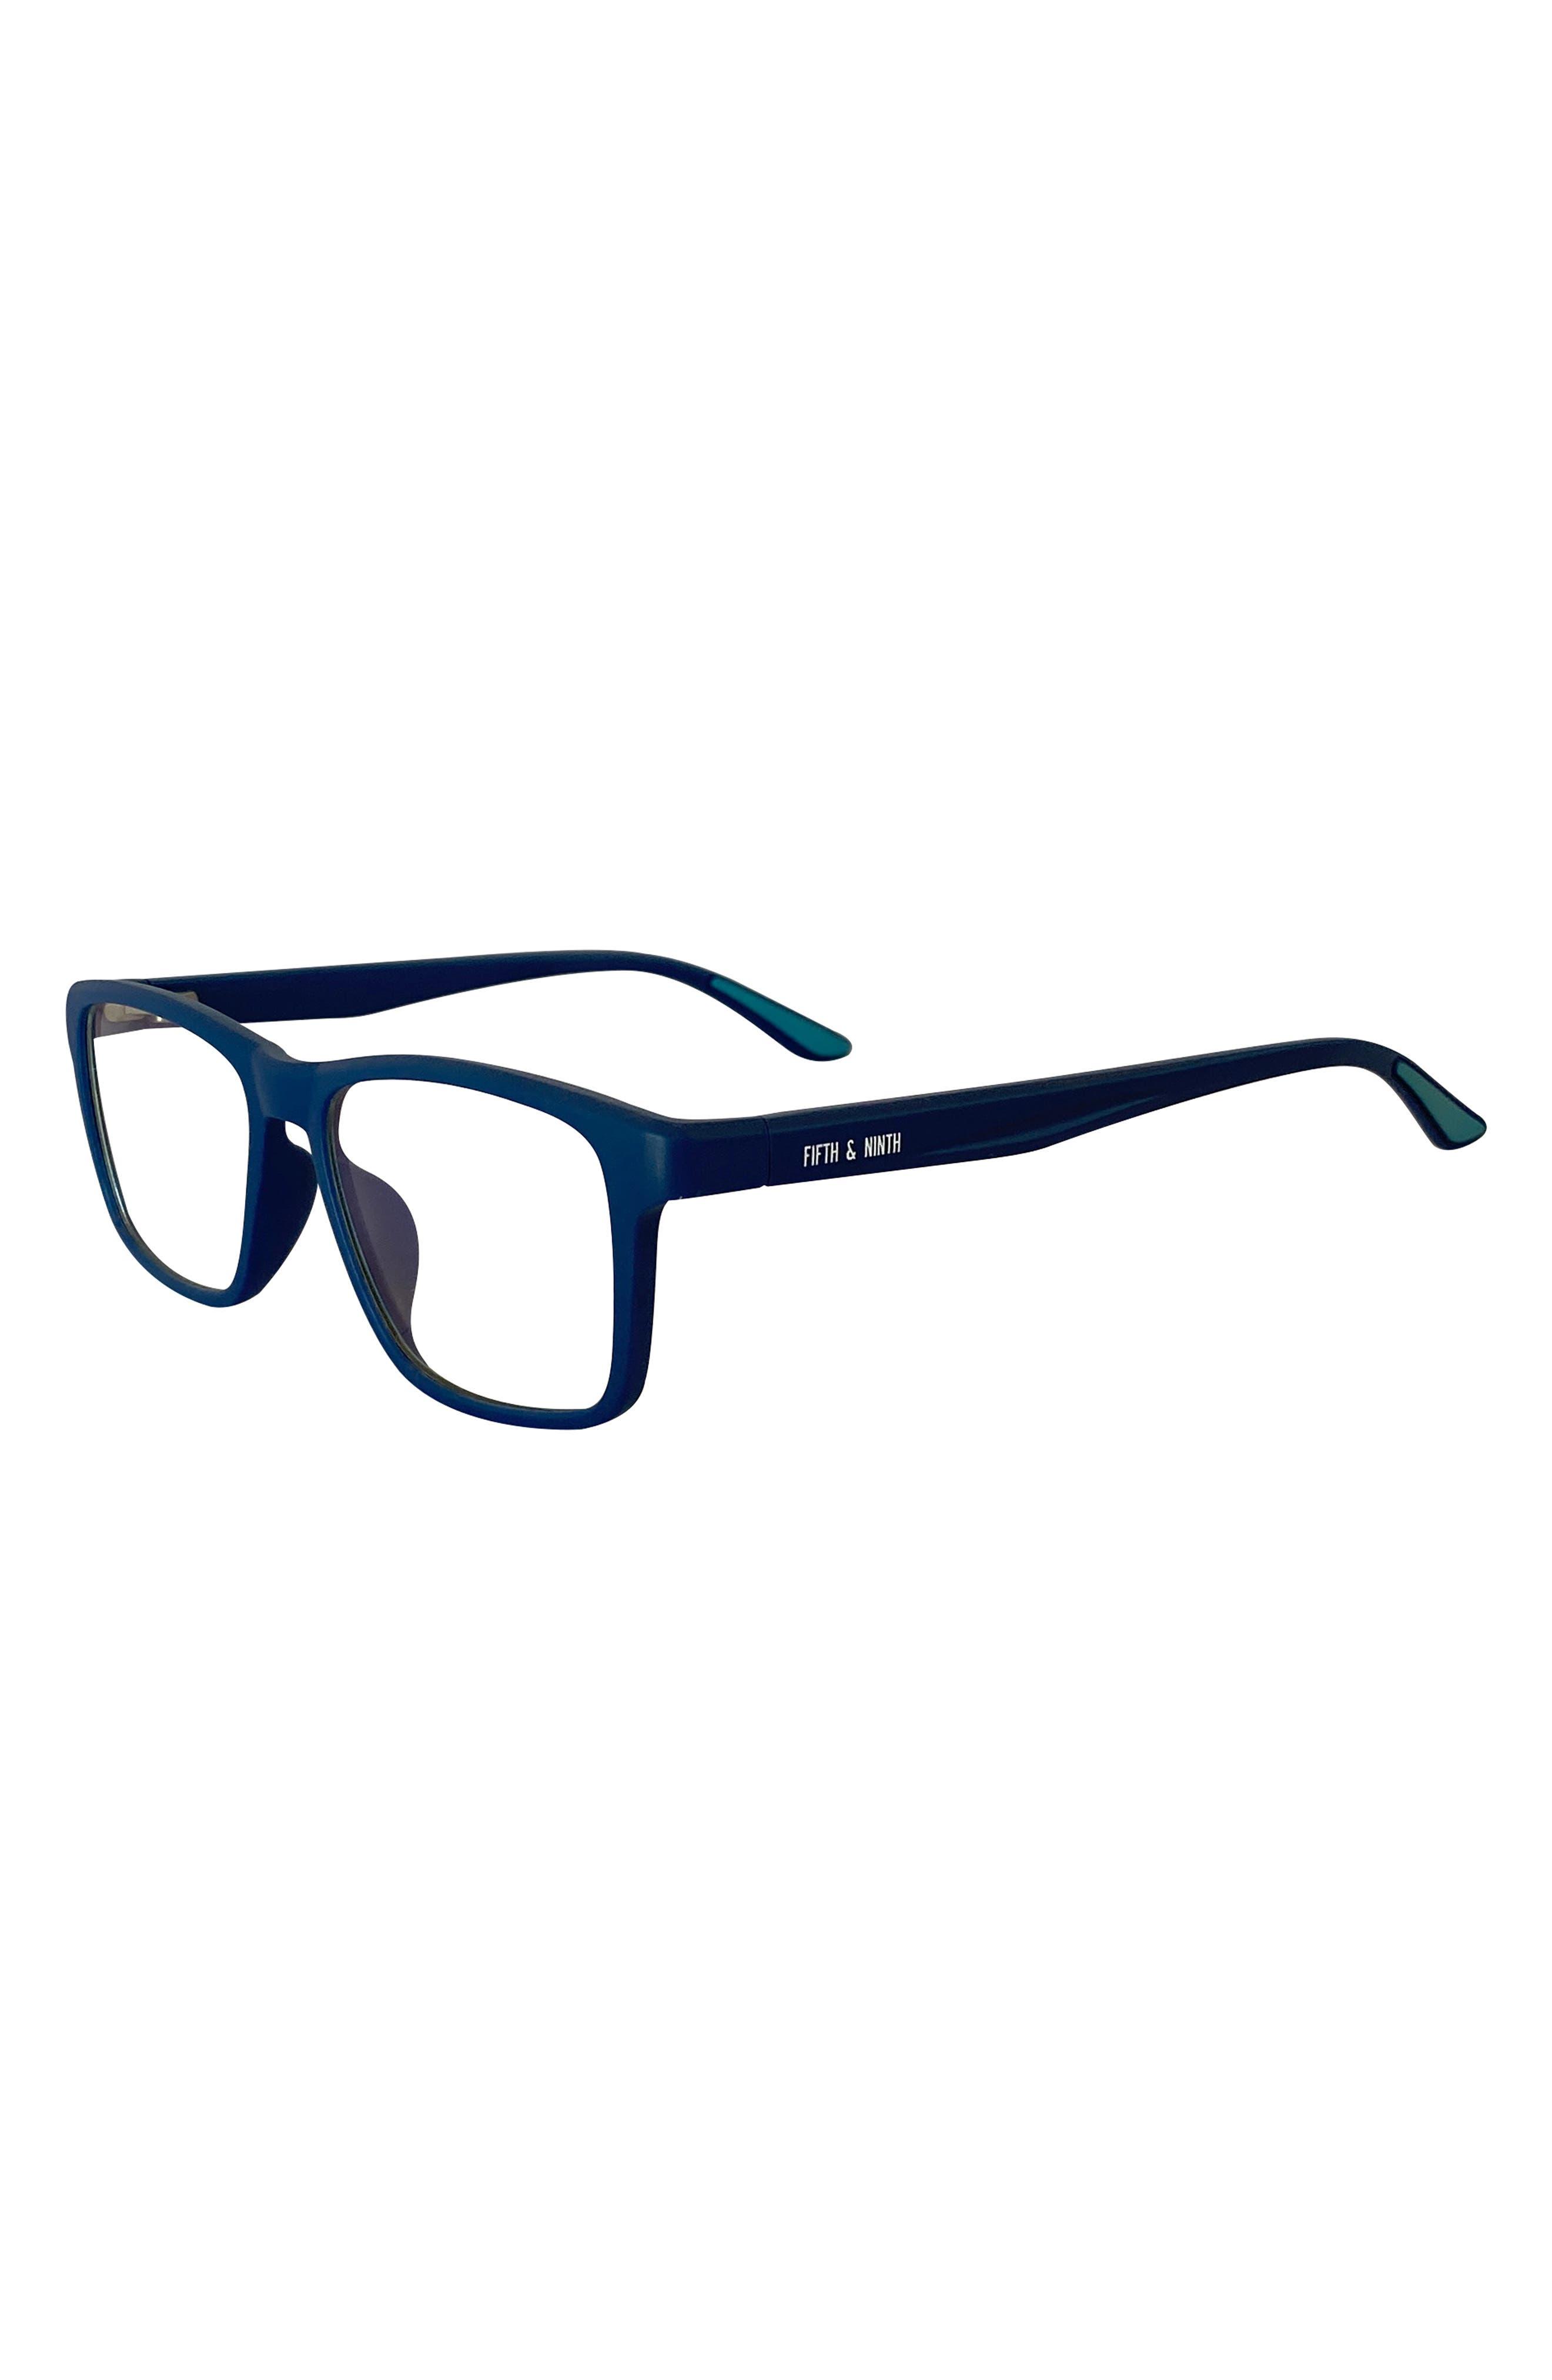 Kids' Providence 49mm Blue Light Filtering Glasses